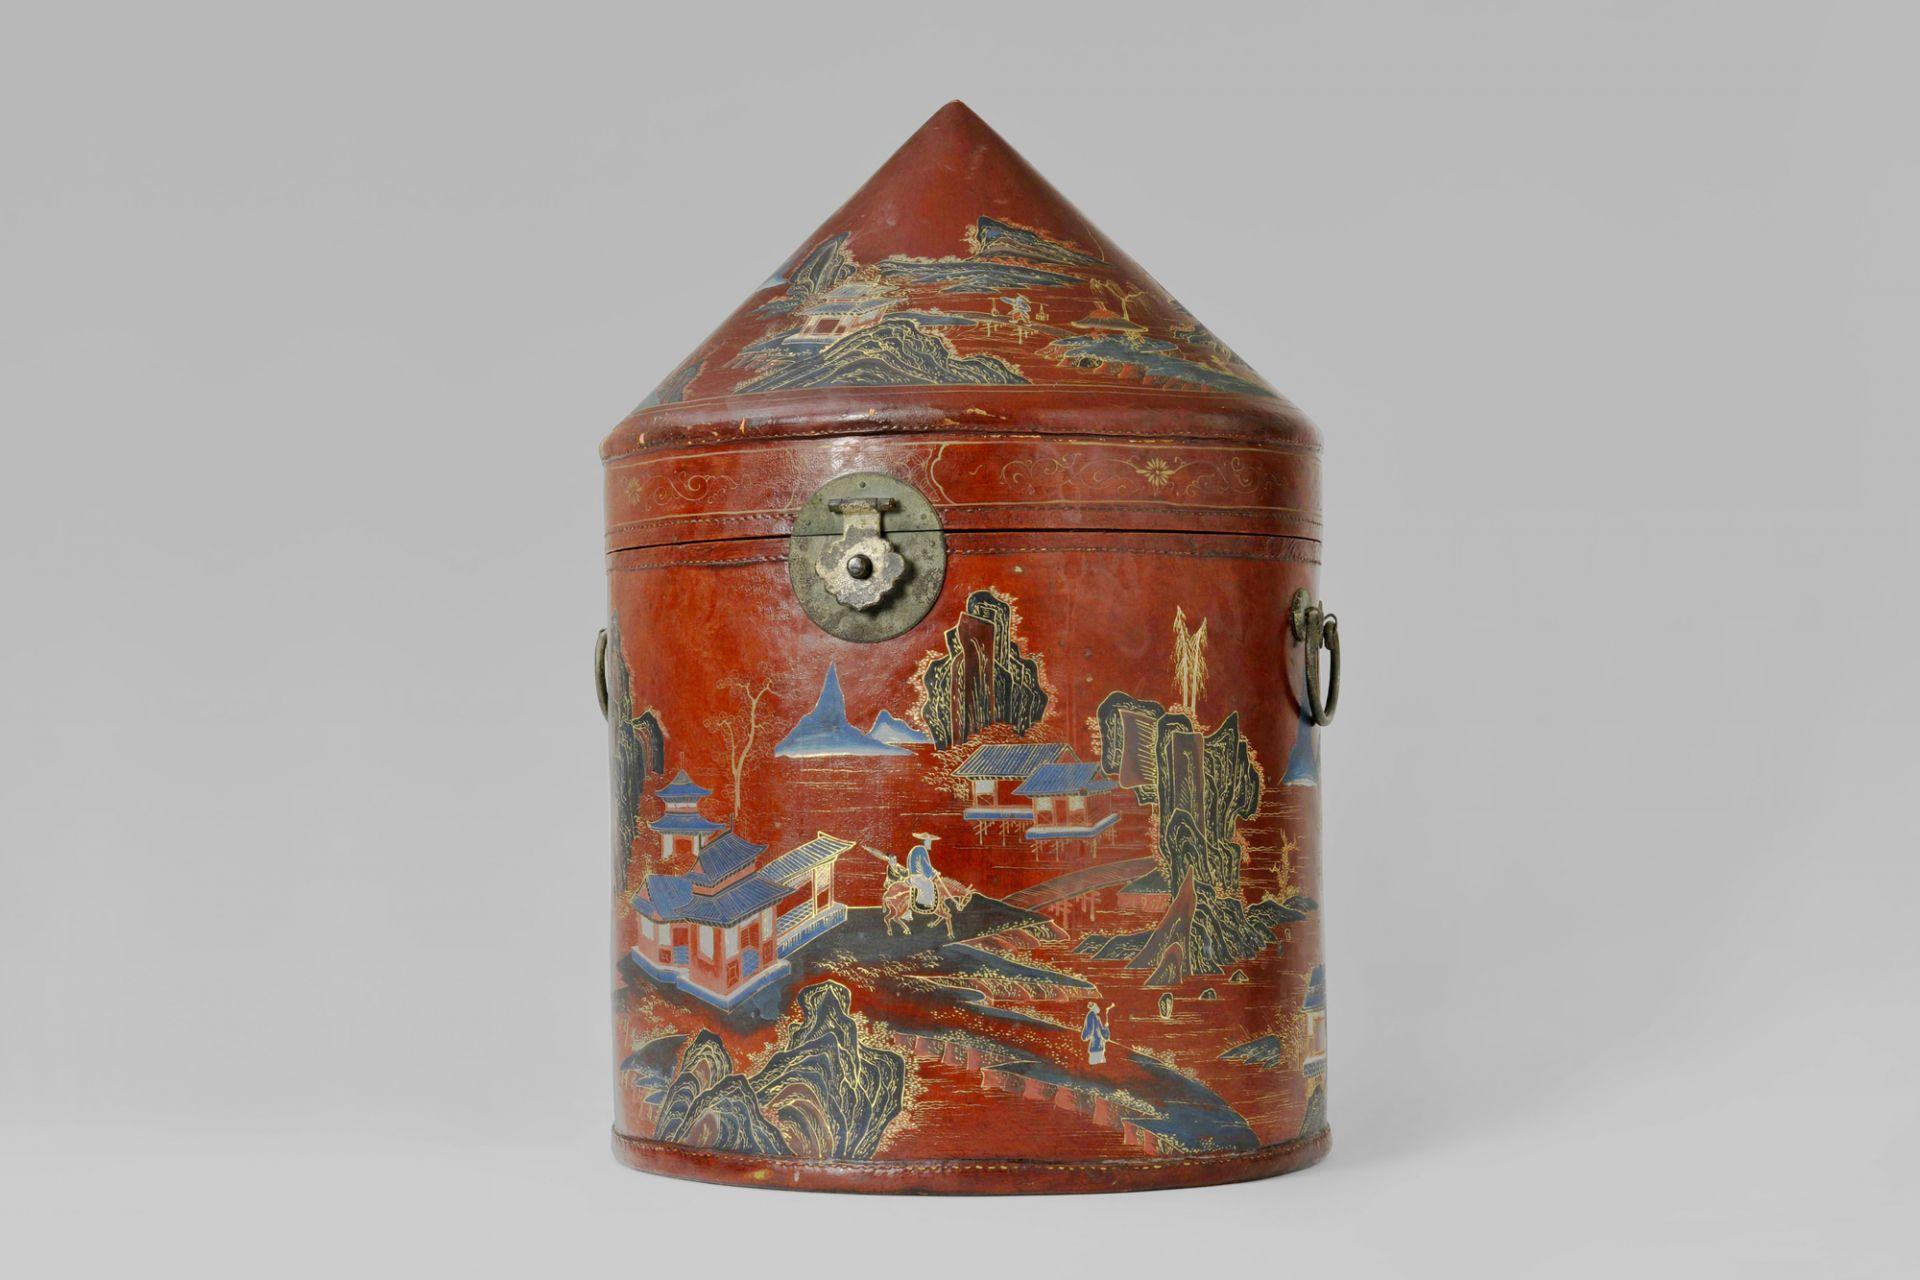 Hat box, Gaozhou (Guangdong Province), China, 19th century